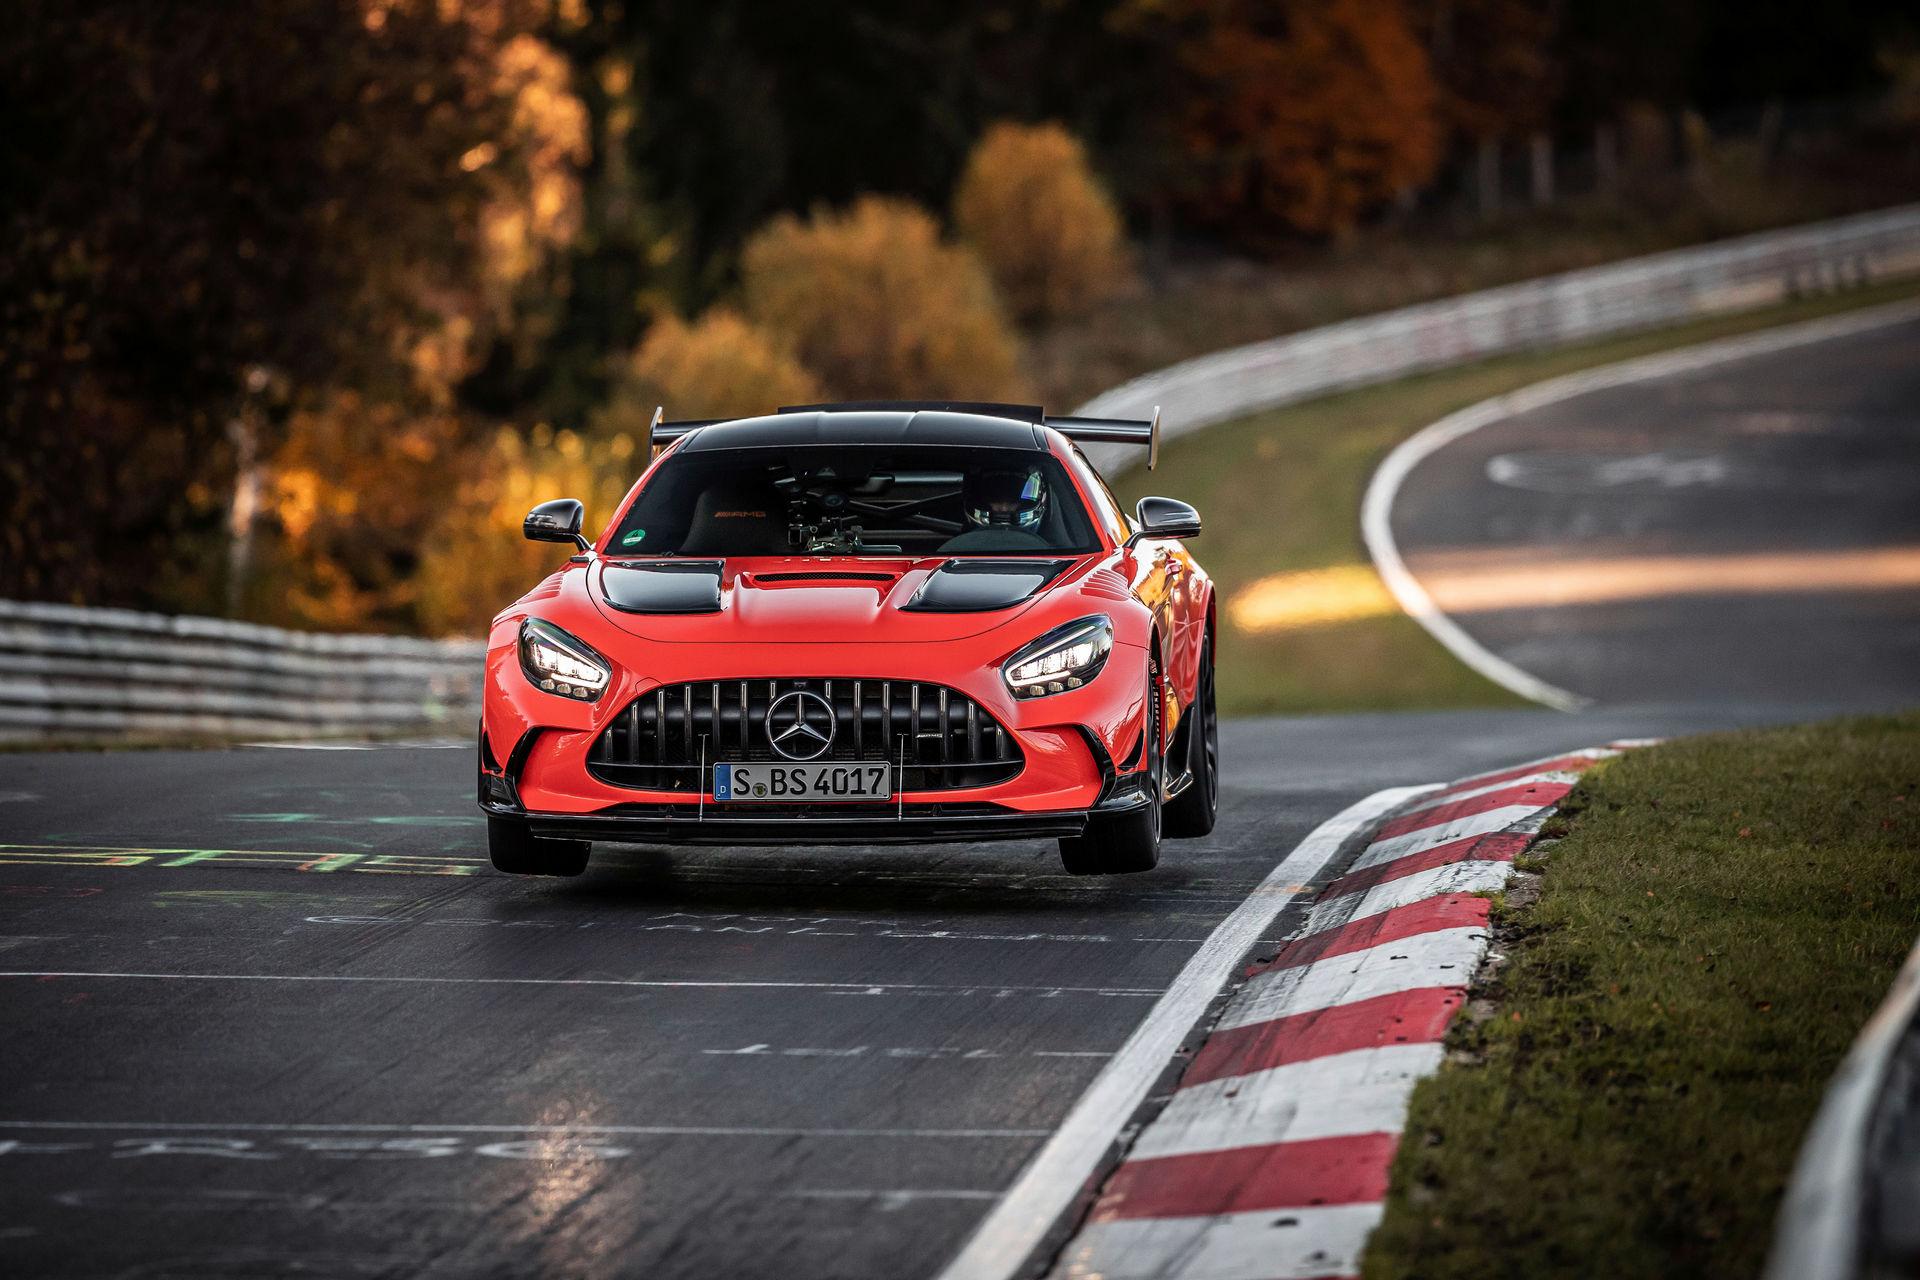 El Mercedes-AMG GT Black Series es el nuevo rey de Nürburgring con un tiempazo de 6:43.616